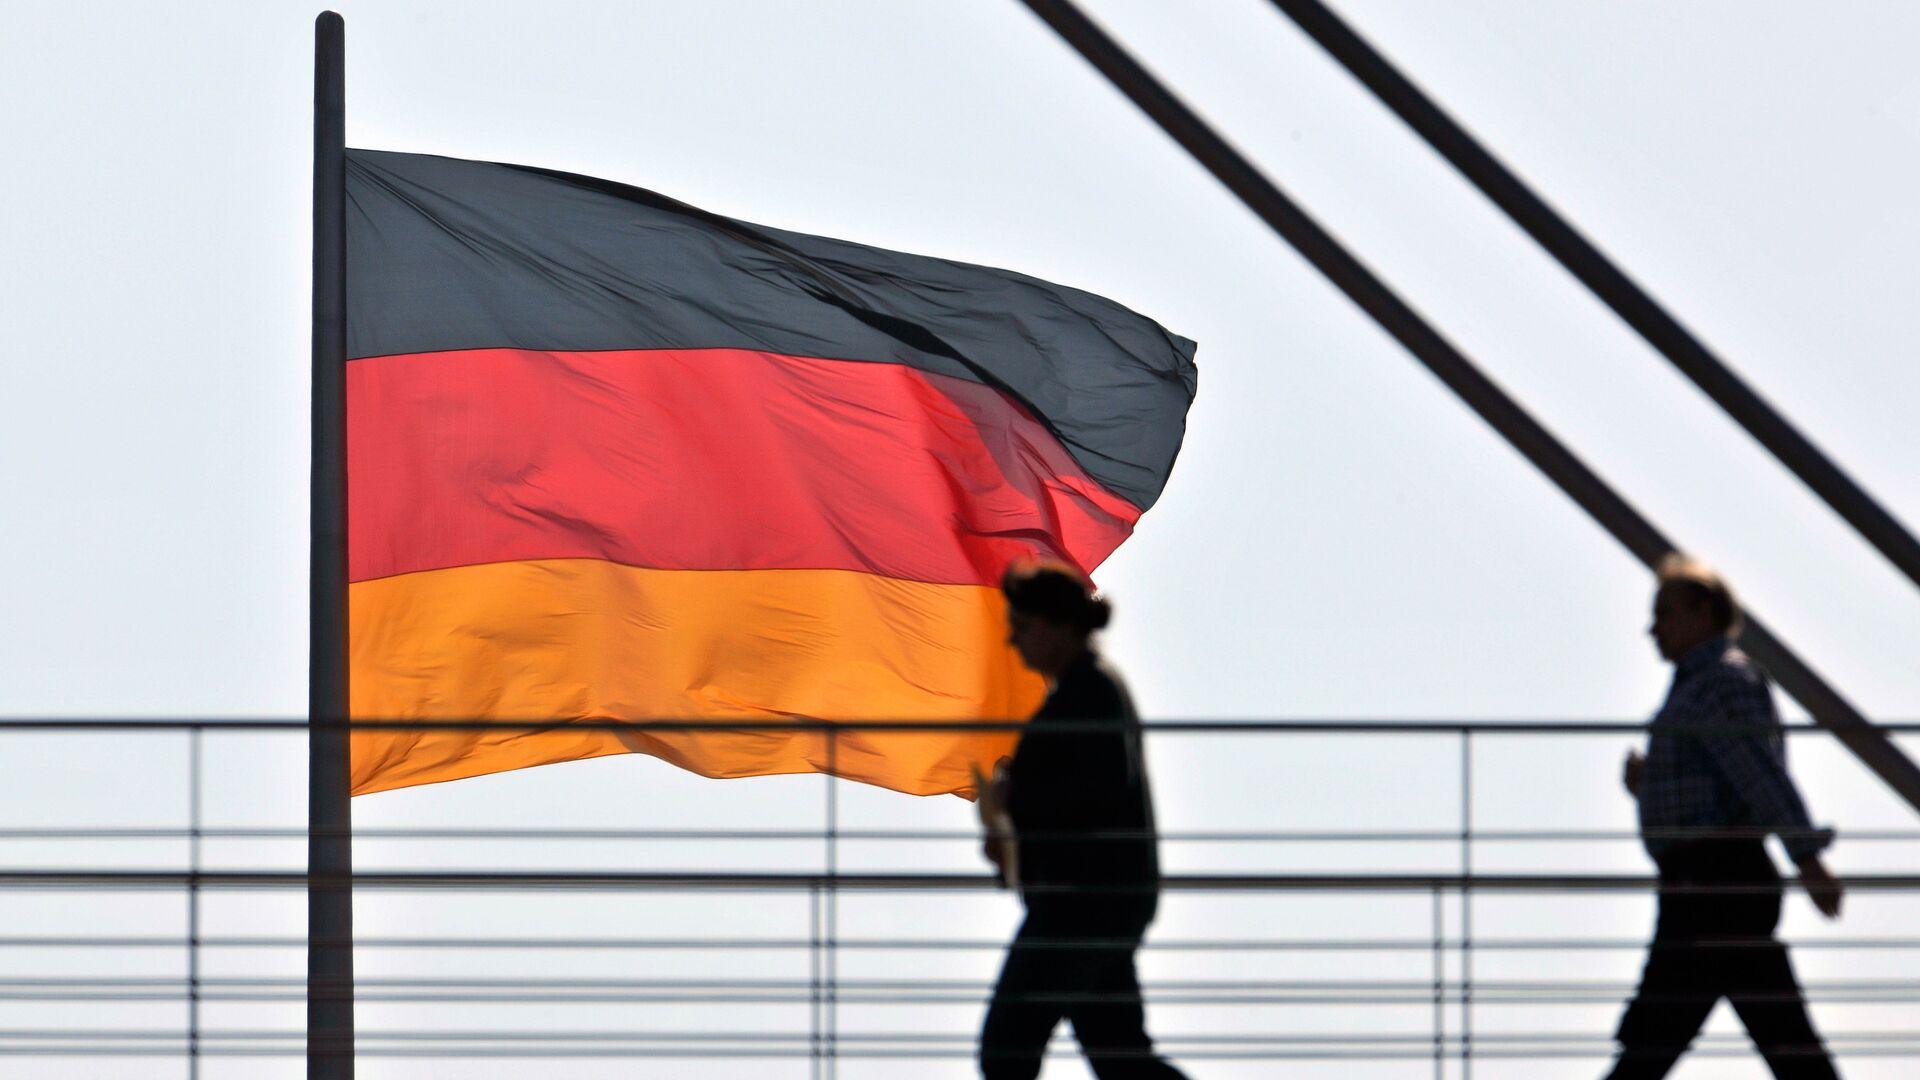 German National flag. (File) - Sputnik International, 1920, 18.09.2021